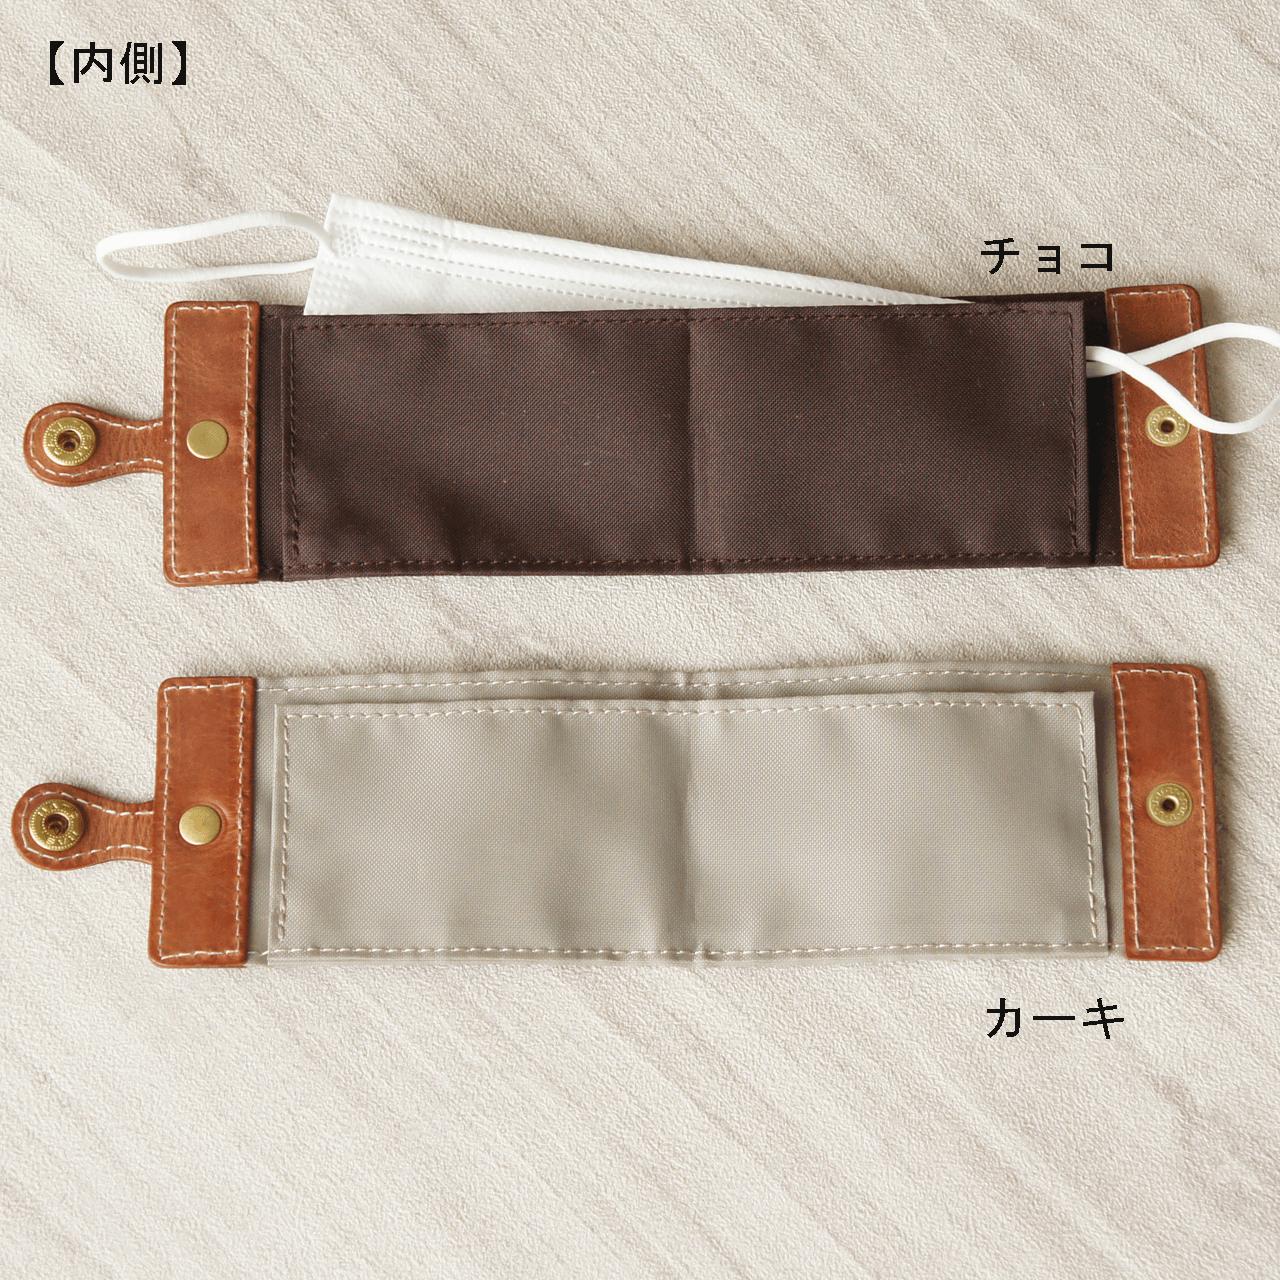 【抗菌・制菌】仮置きマスクケース(キャメル)